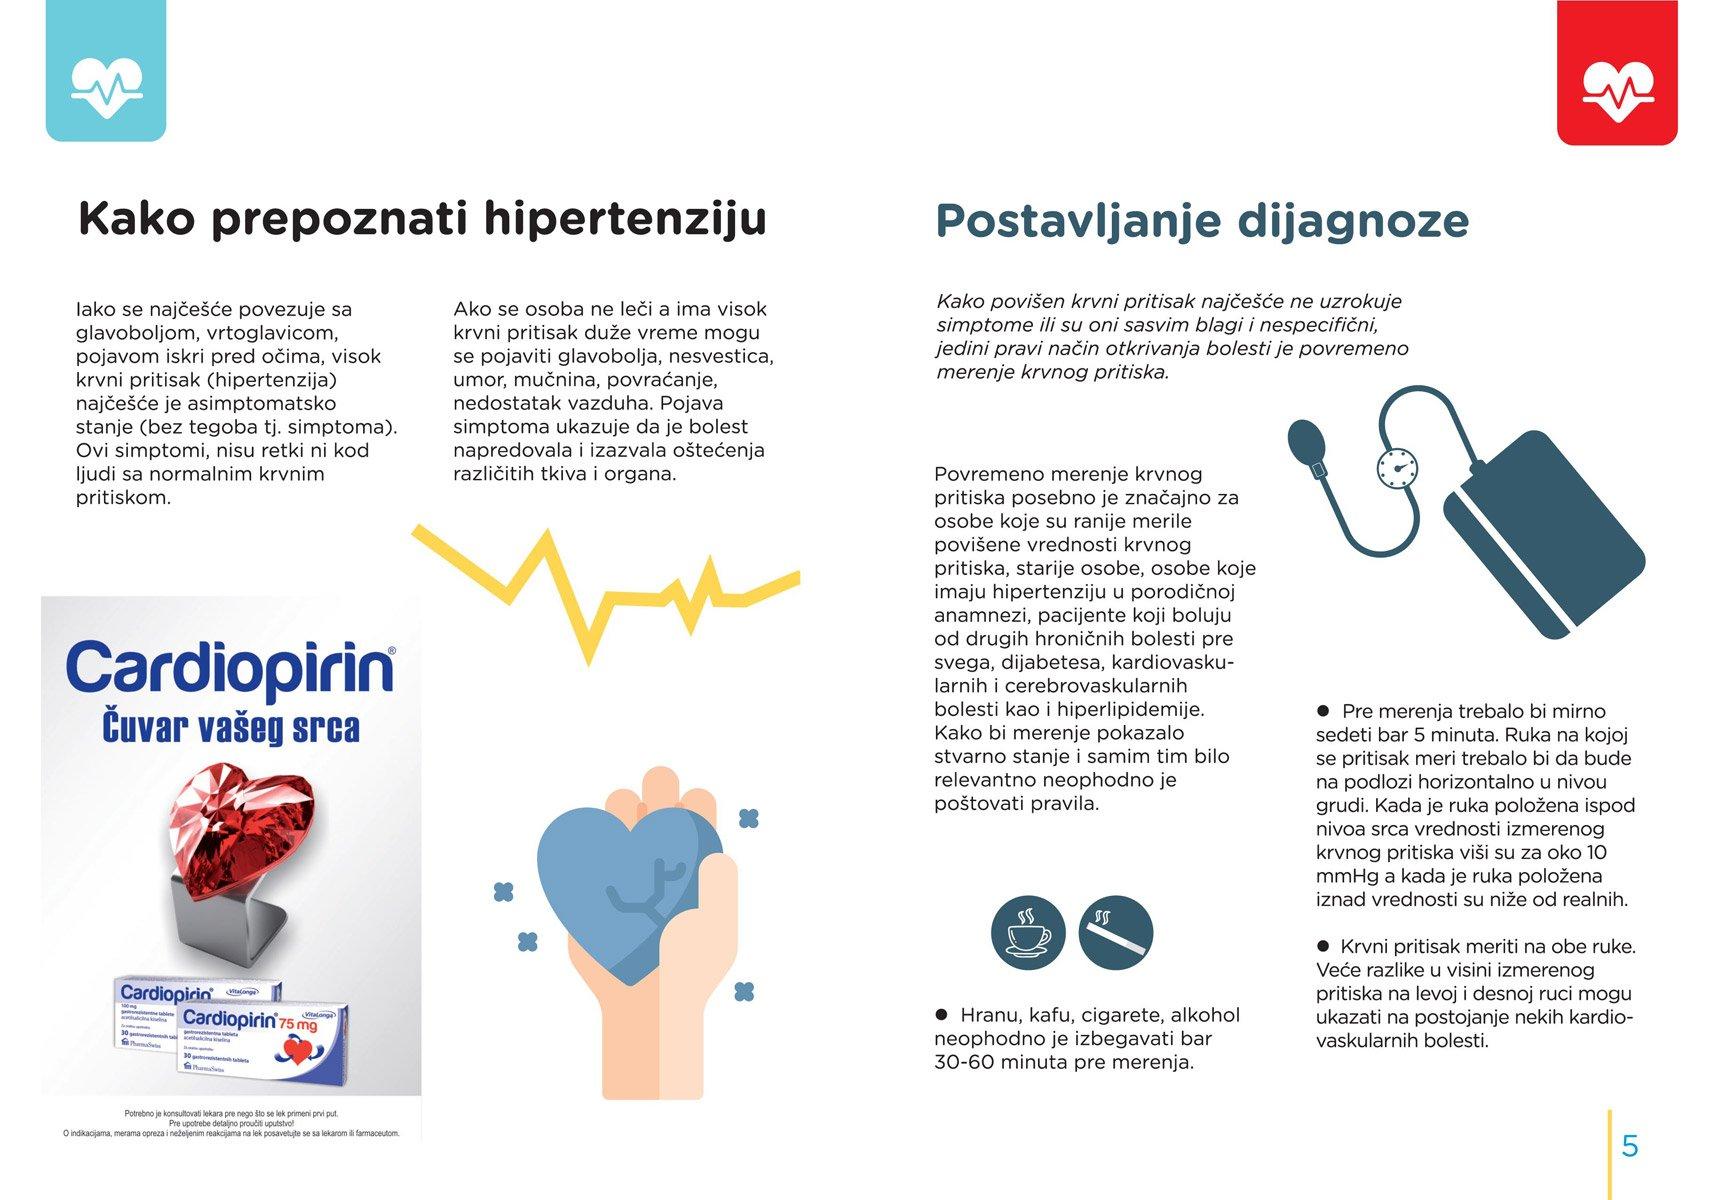 hipertenzija korak 3 koji je